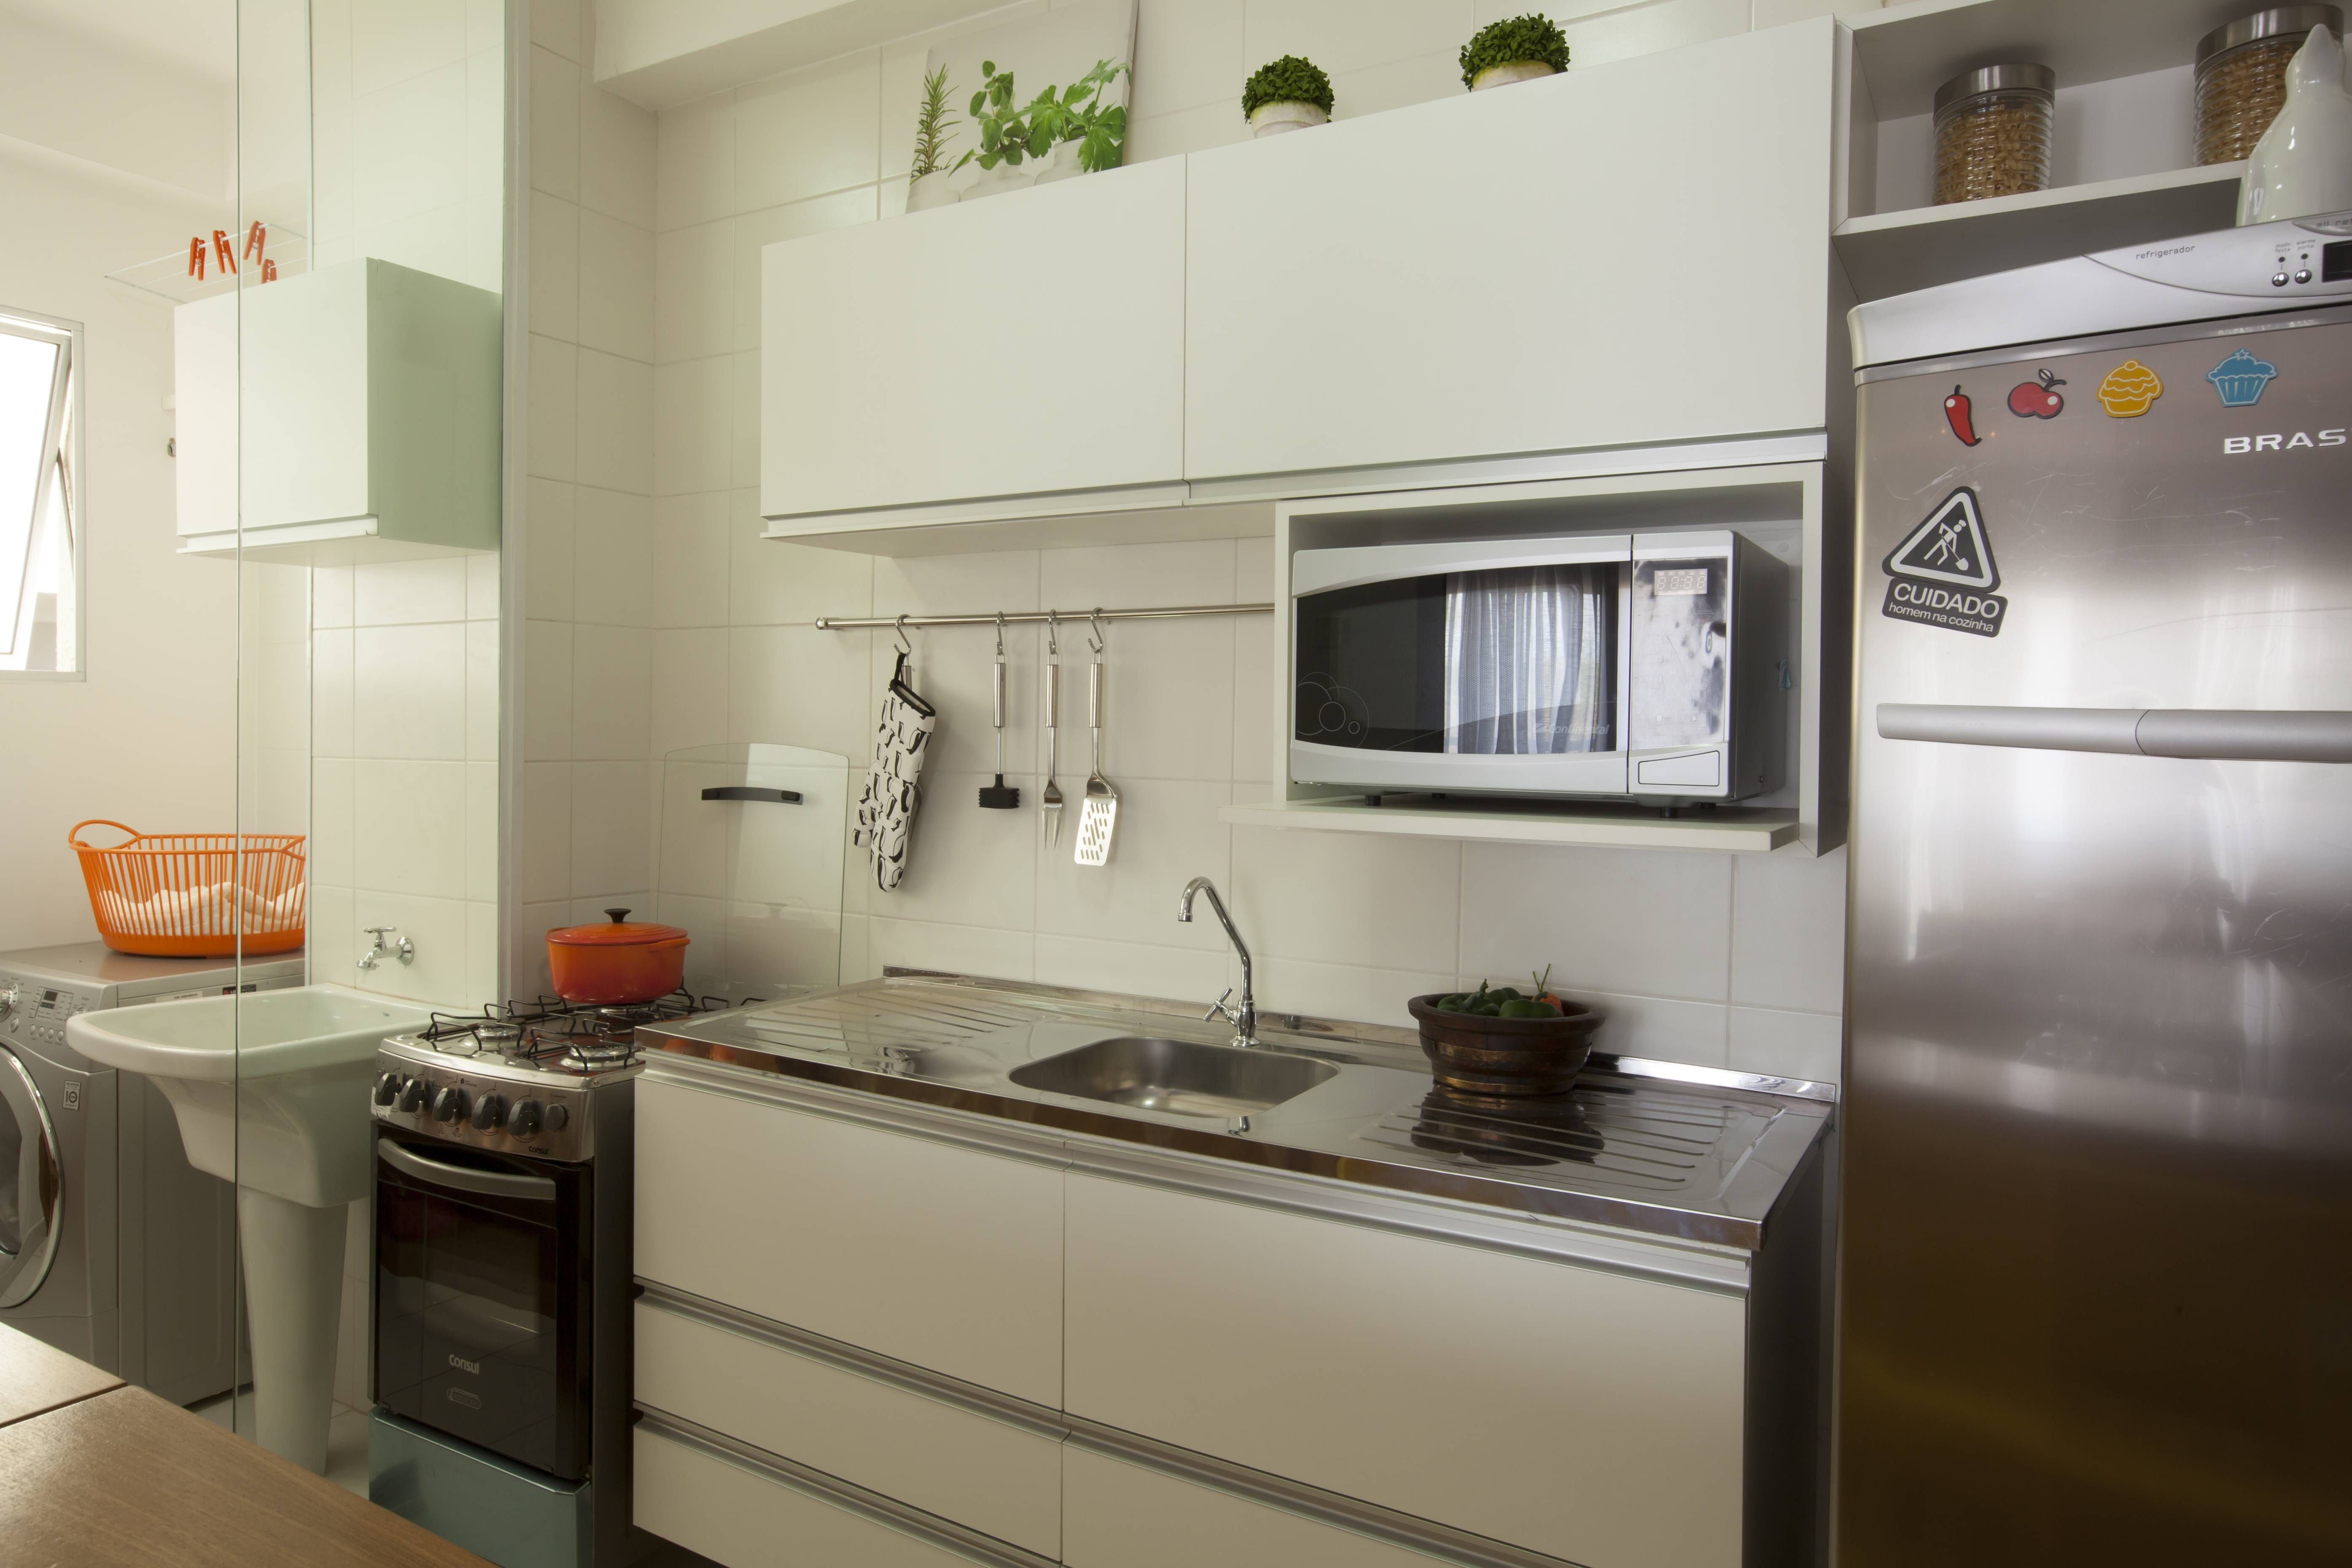 Apartamento de 65 m² com truques de aproveitamento de espaço | Minha Casa